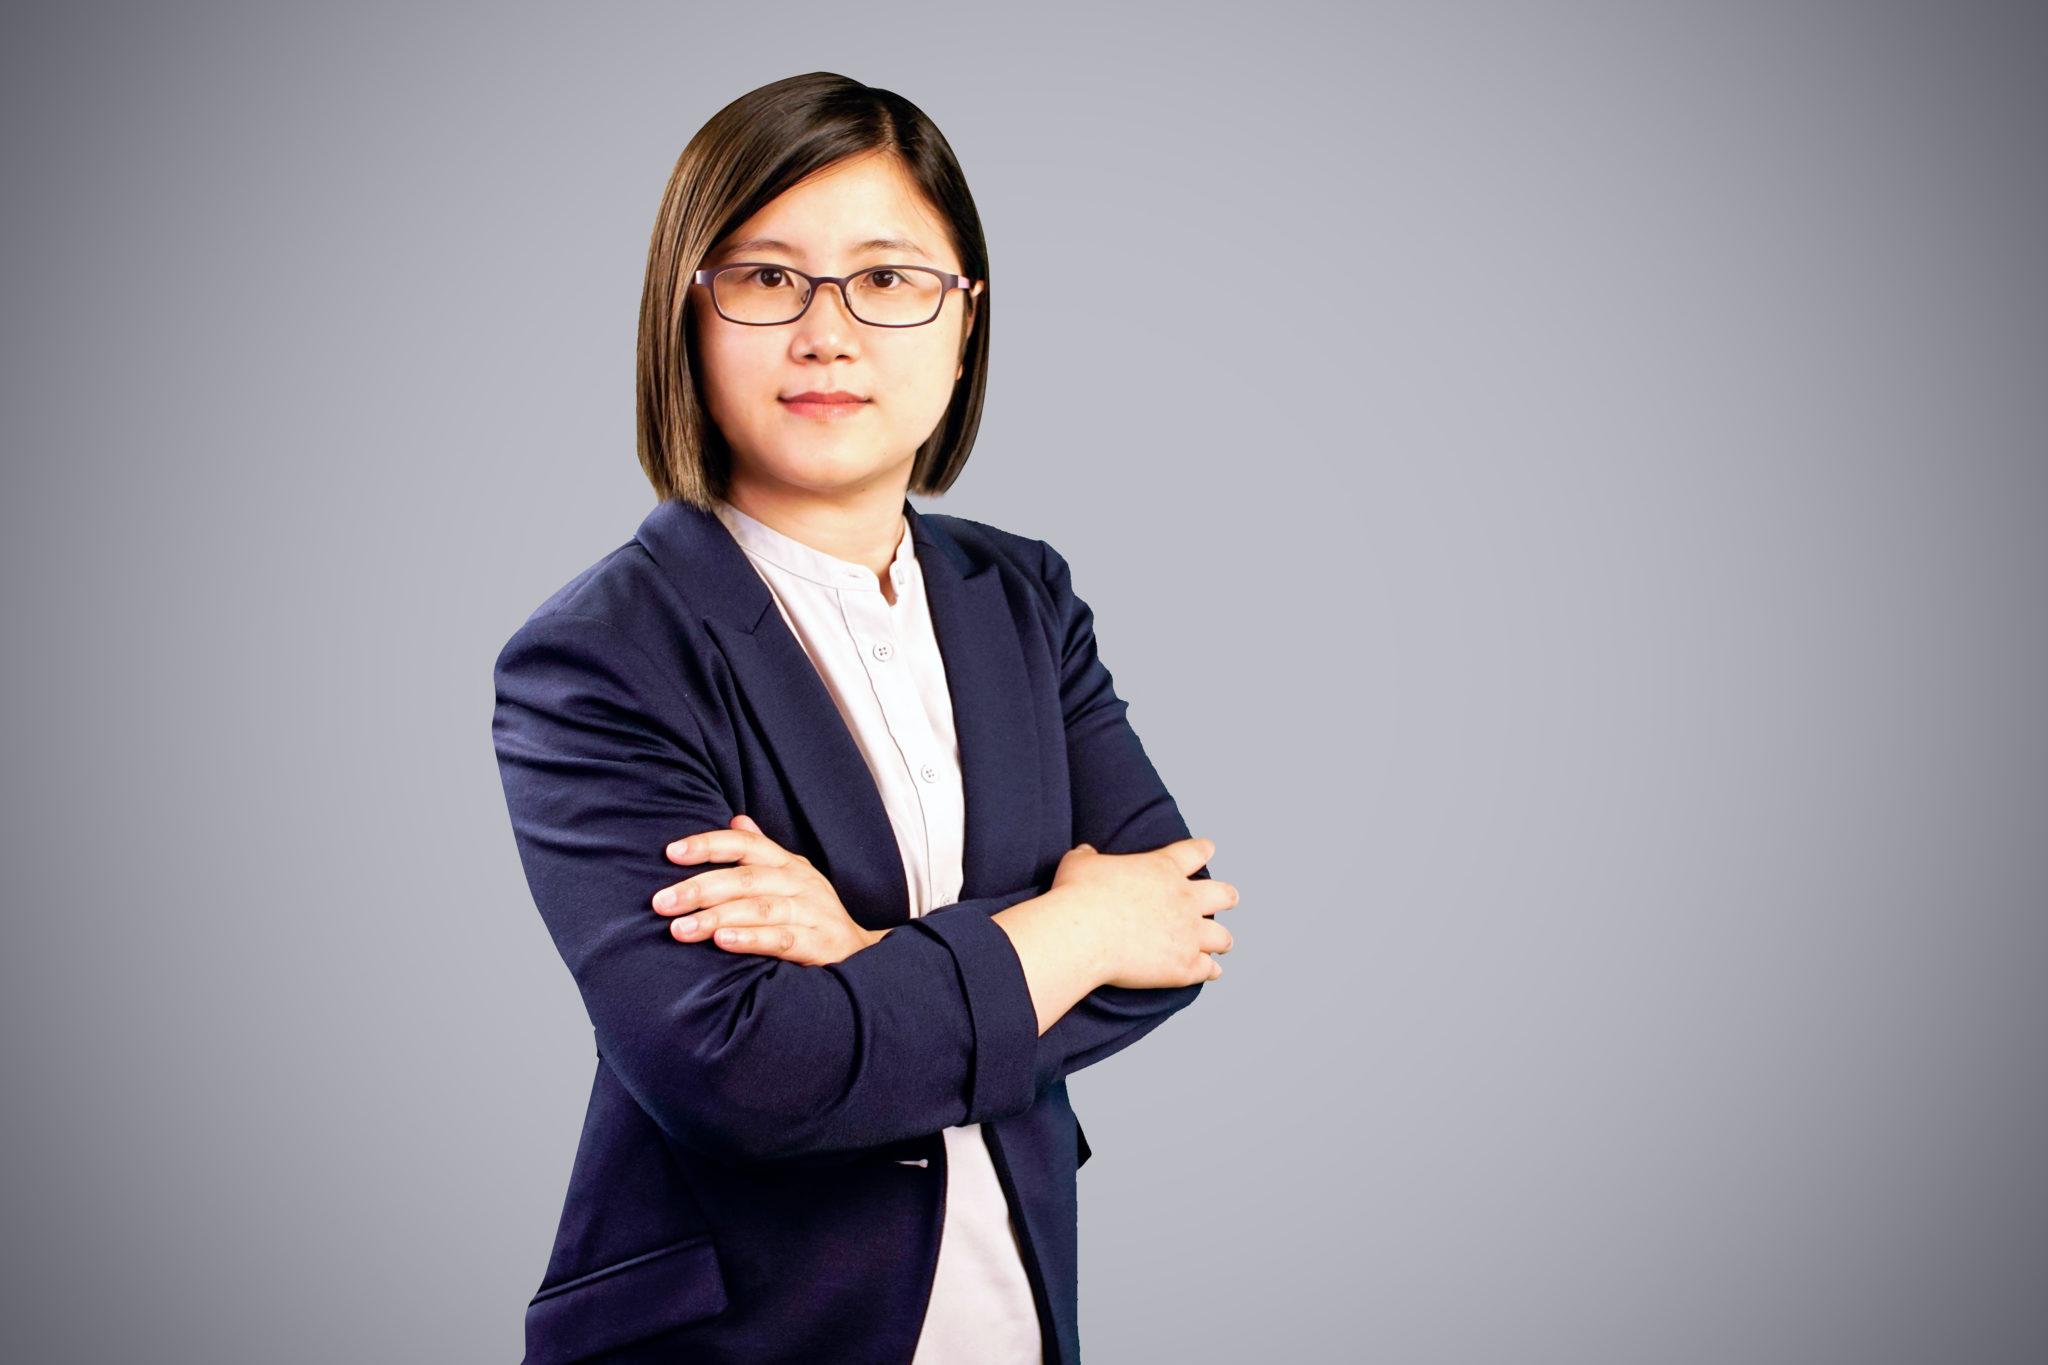 Educação | Song Pek Kei preocupada com excesso de professores